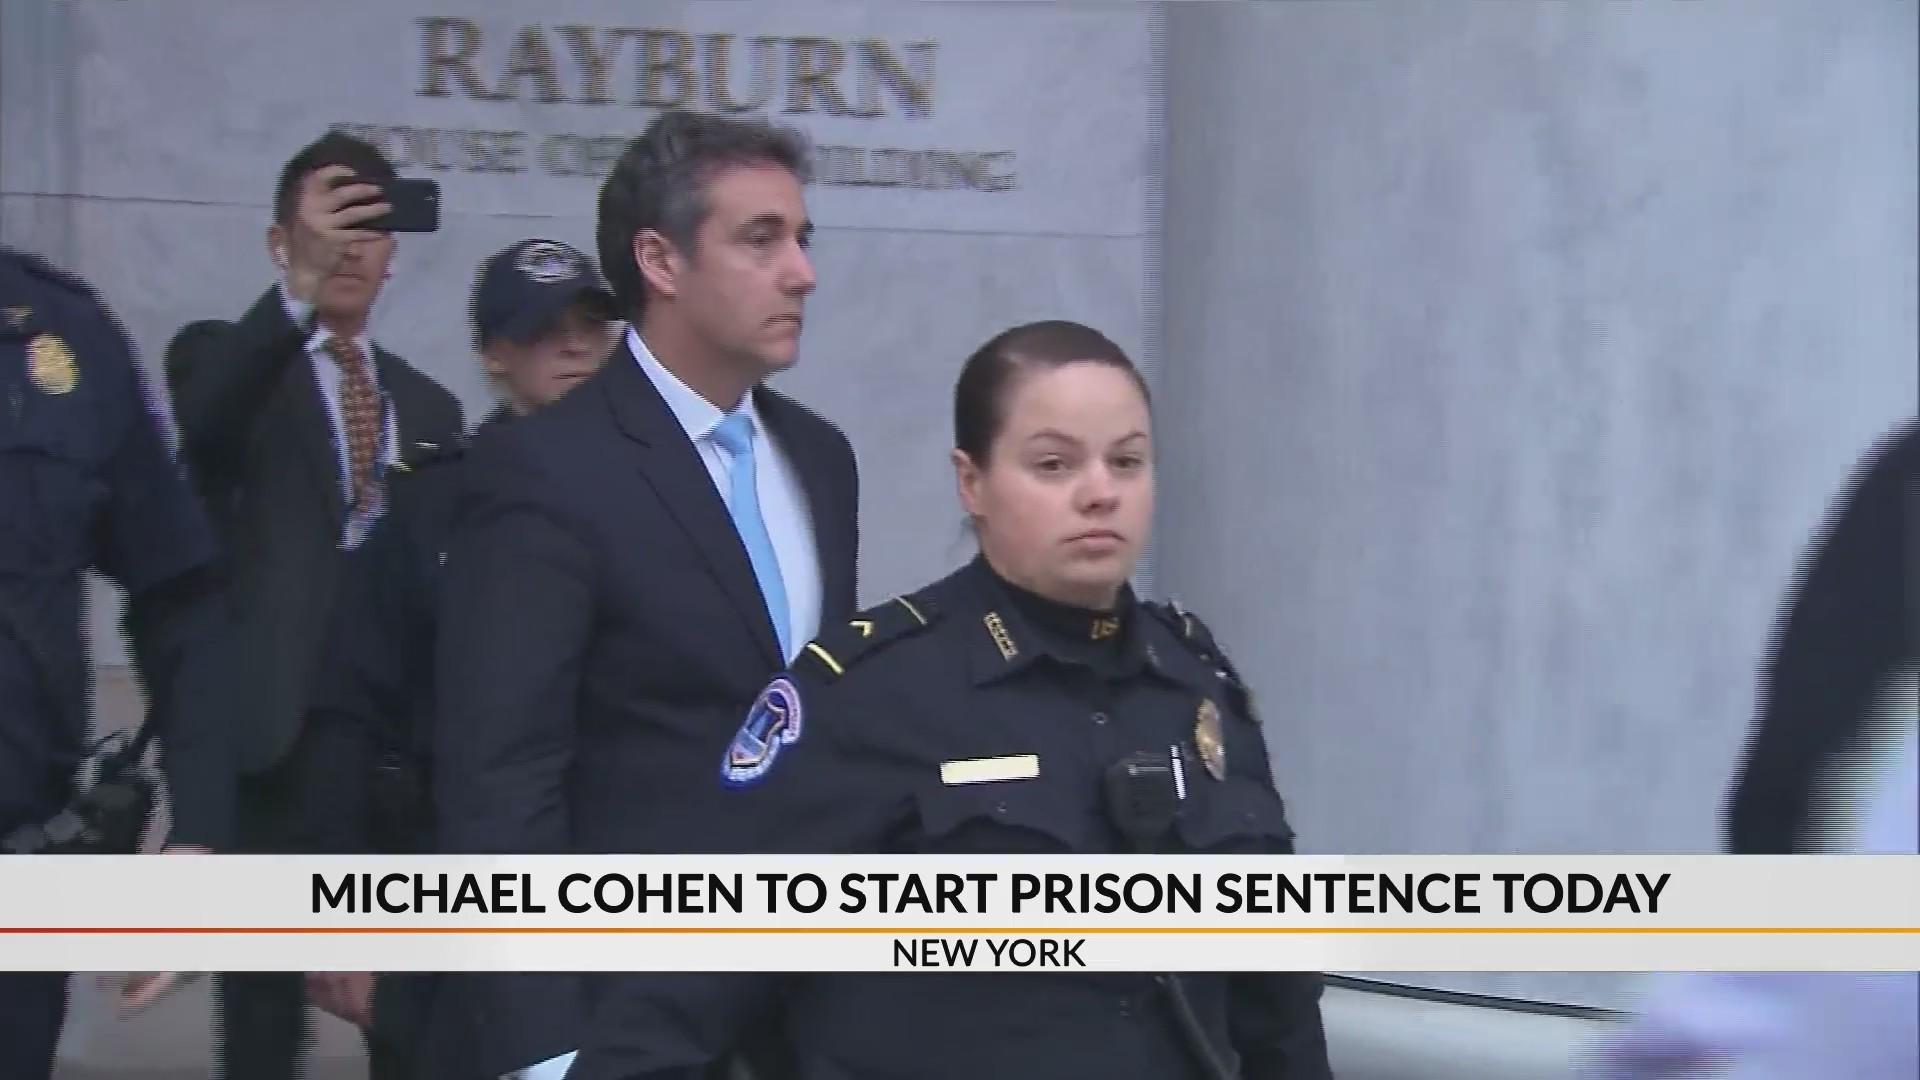 Michael_Cohen_to_start_prison_sentence_0_20190506100928